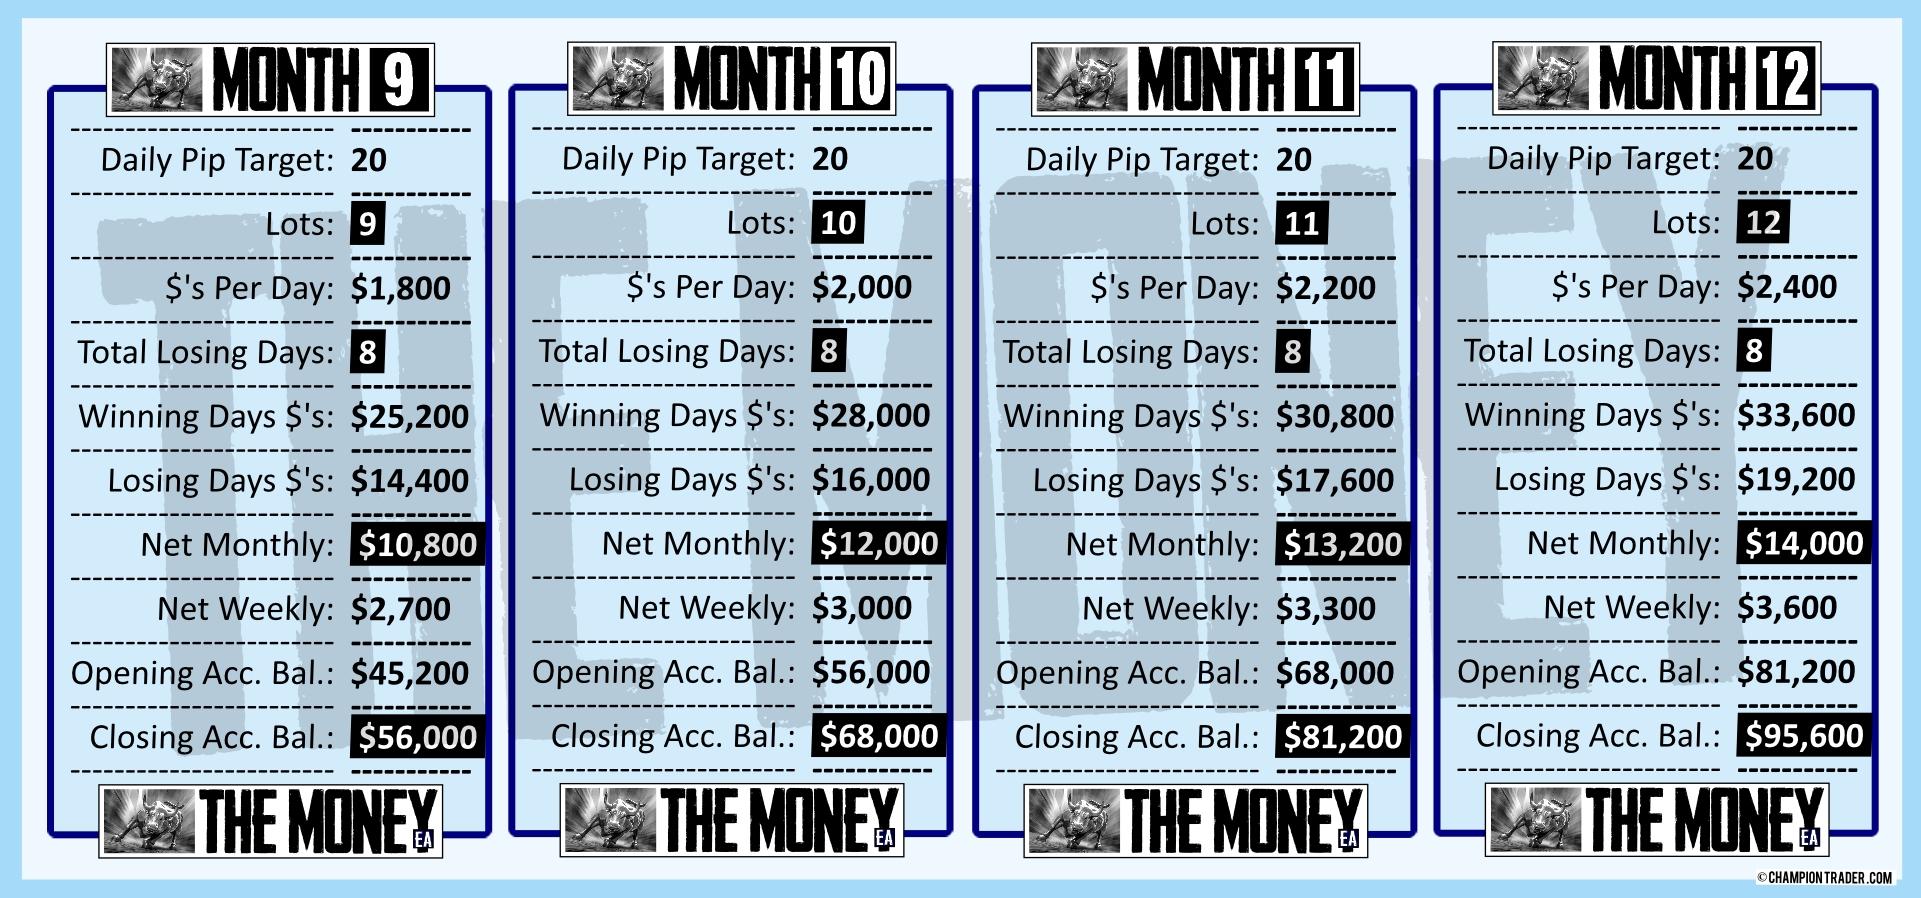 v2 MONTHS 9-12 trading with The Money EA forex expert advisor logo start making money today